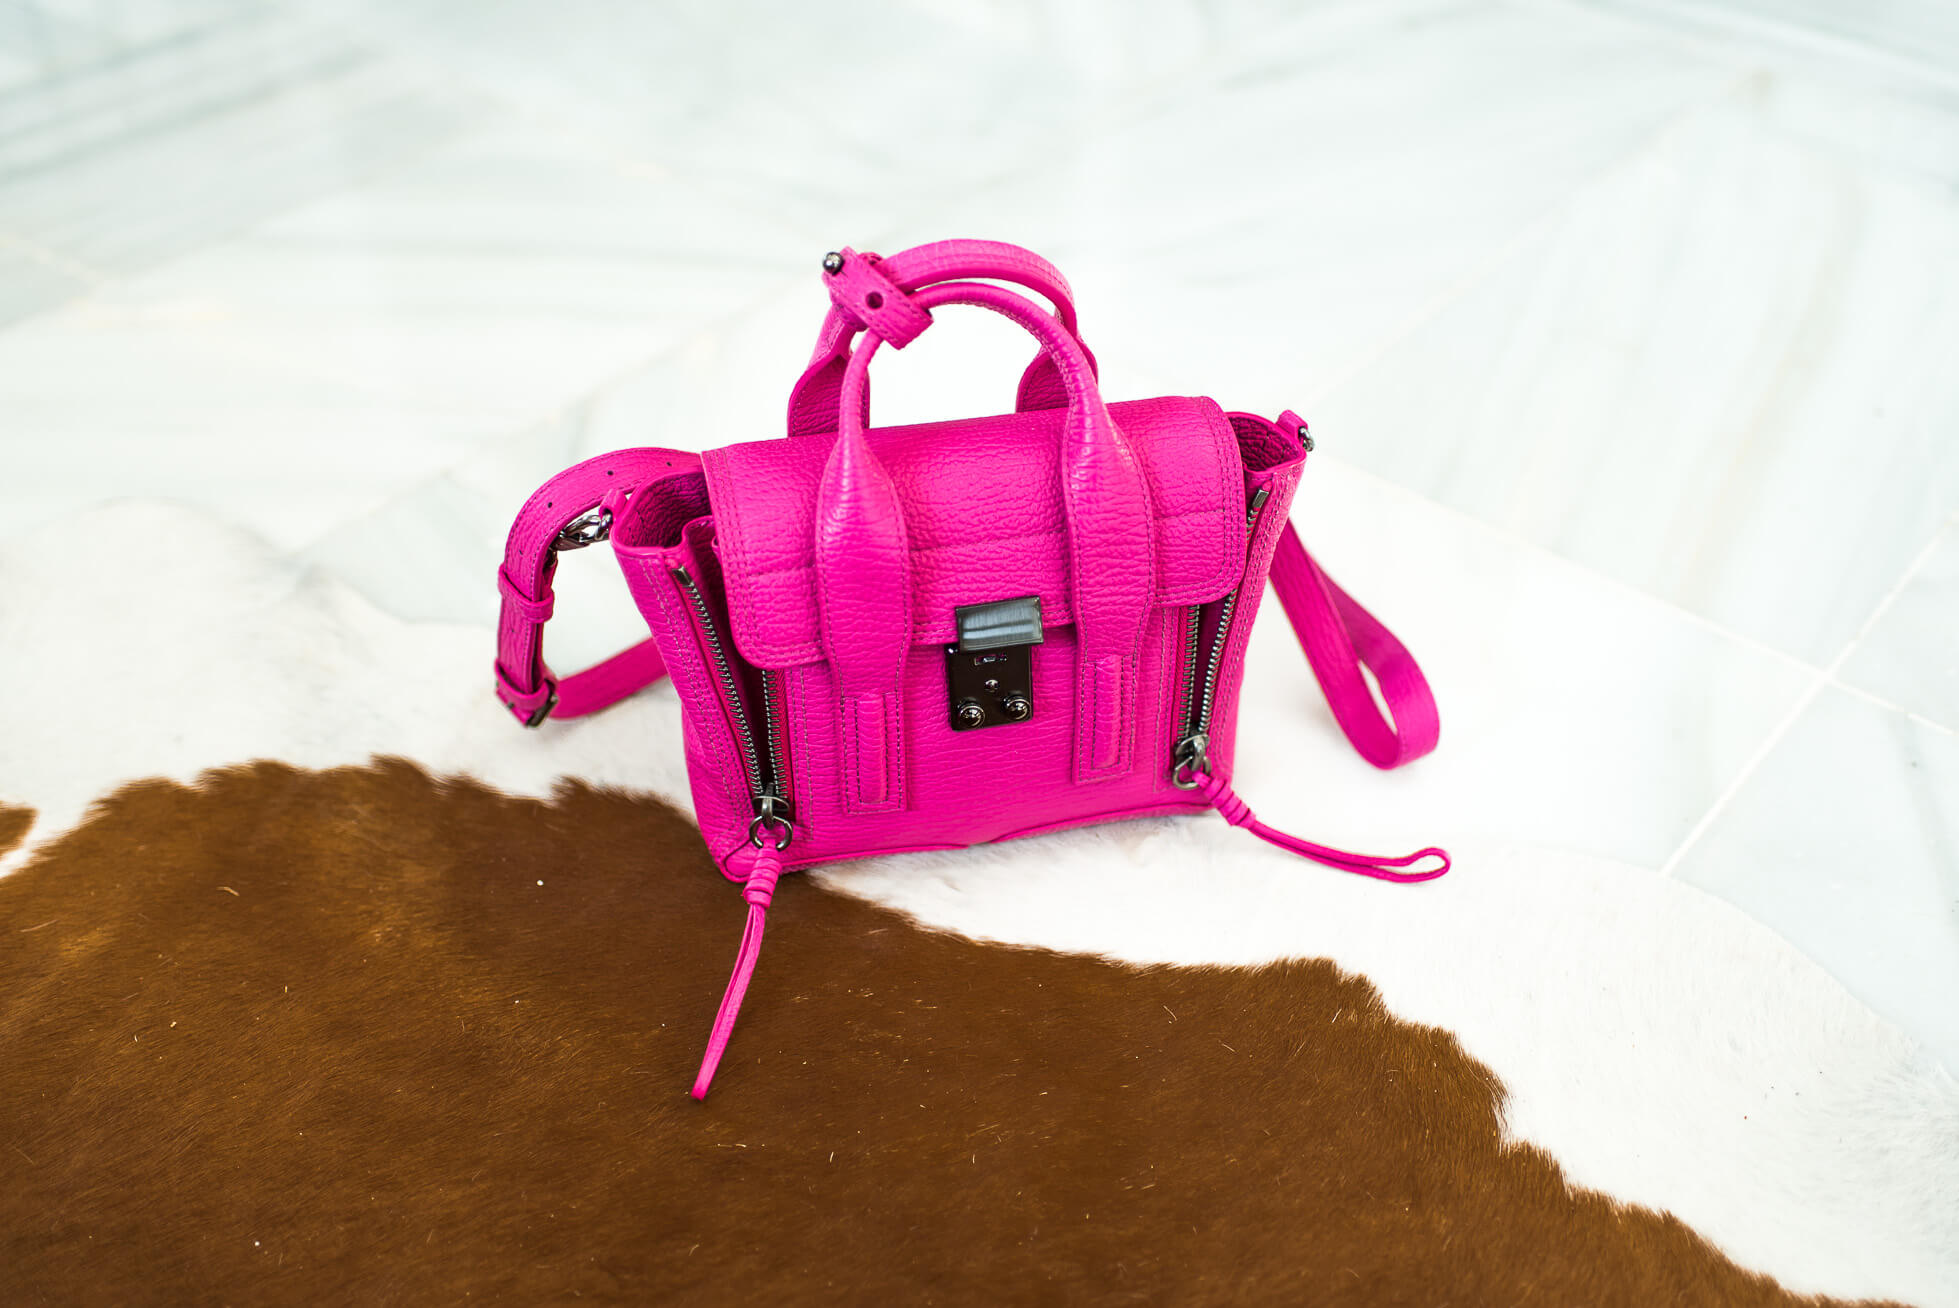 janni-deler-phillip-lim-pink-bagDSC_4393